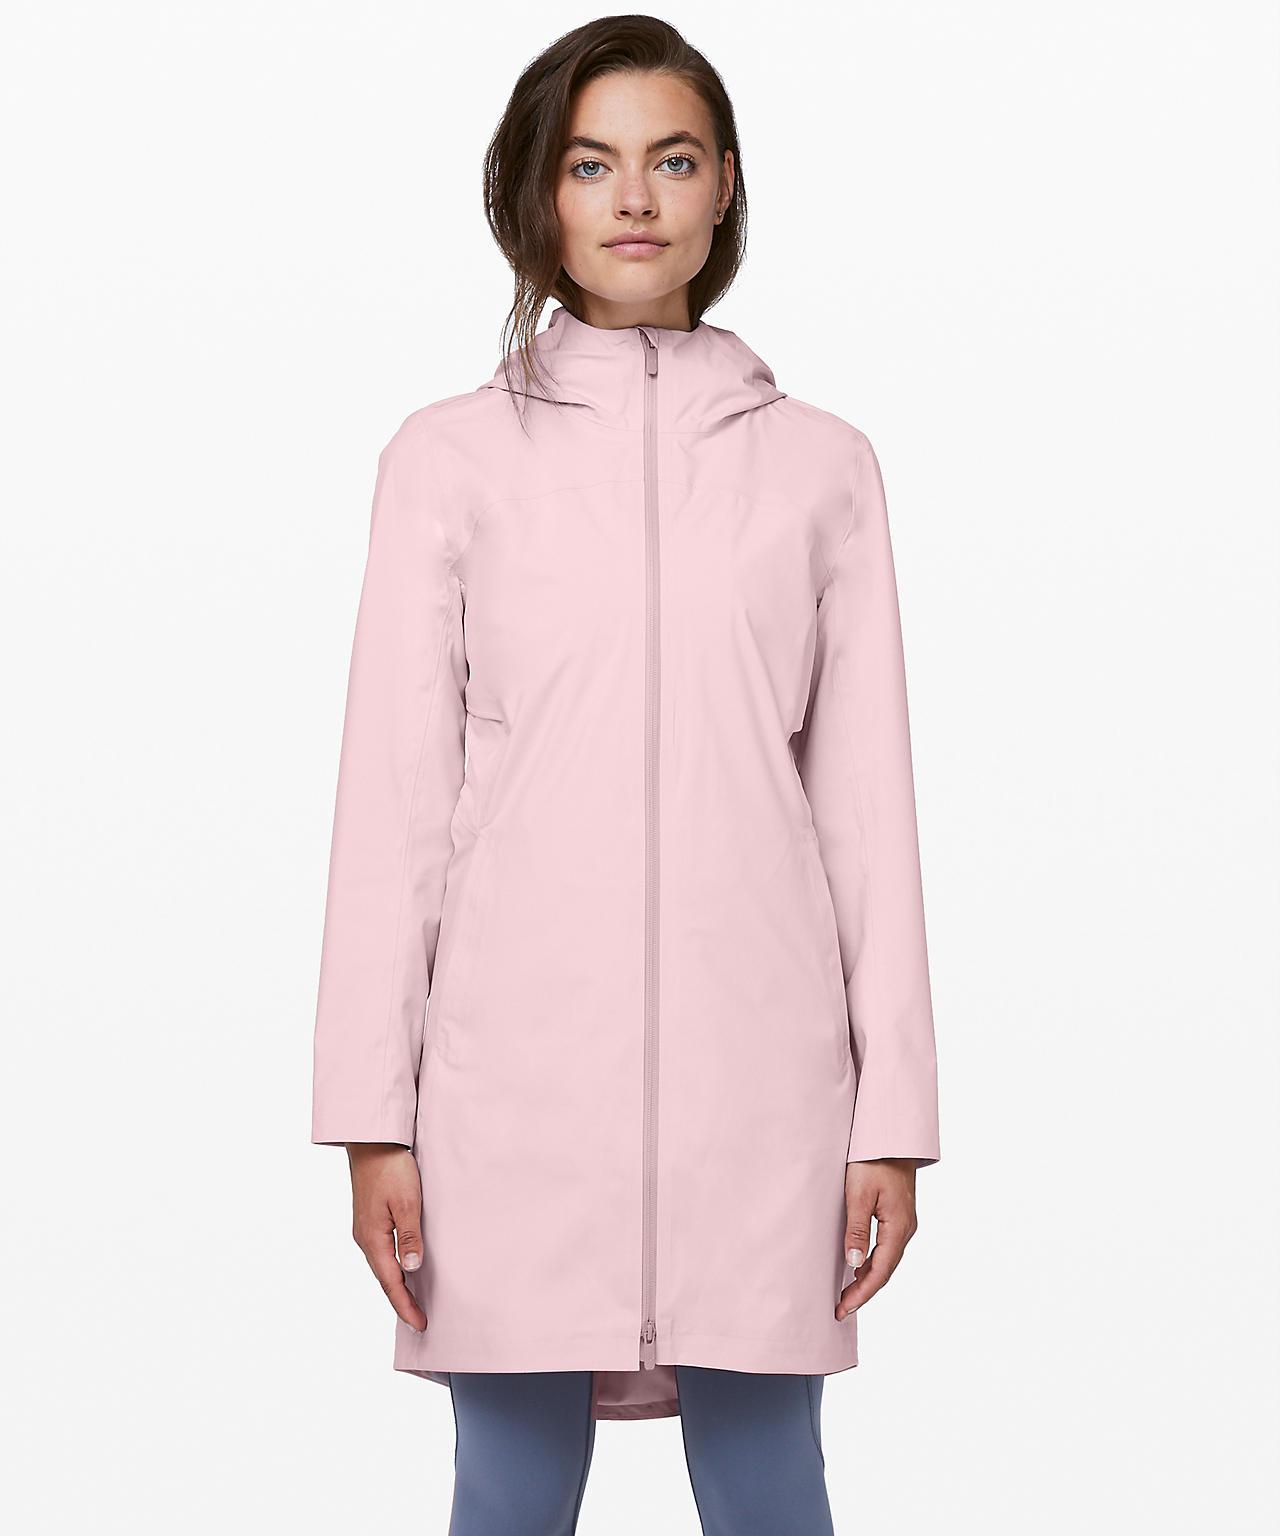 Rain Rebel Jacket, Lululemon Upload